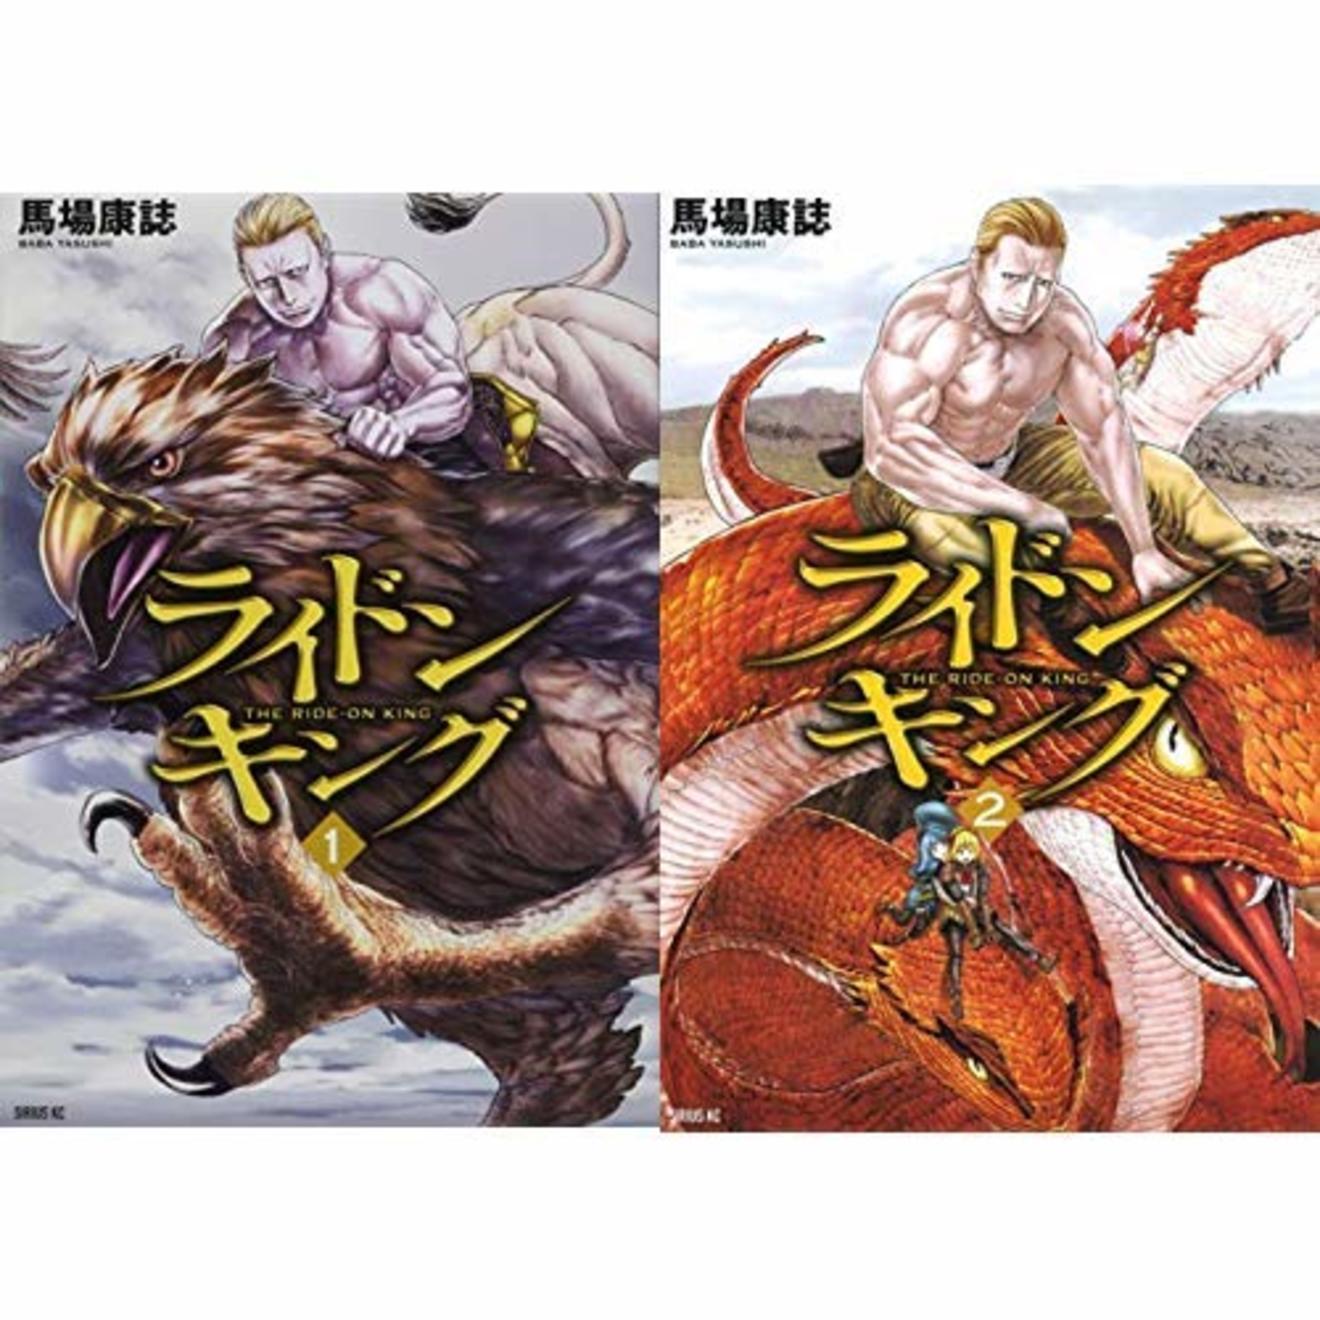 『ライドンキング』これぞ新しい異世界漫画!2巻までの見所ネタバレ【無料】